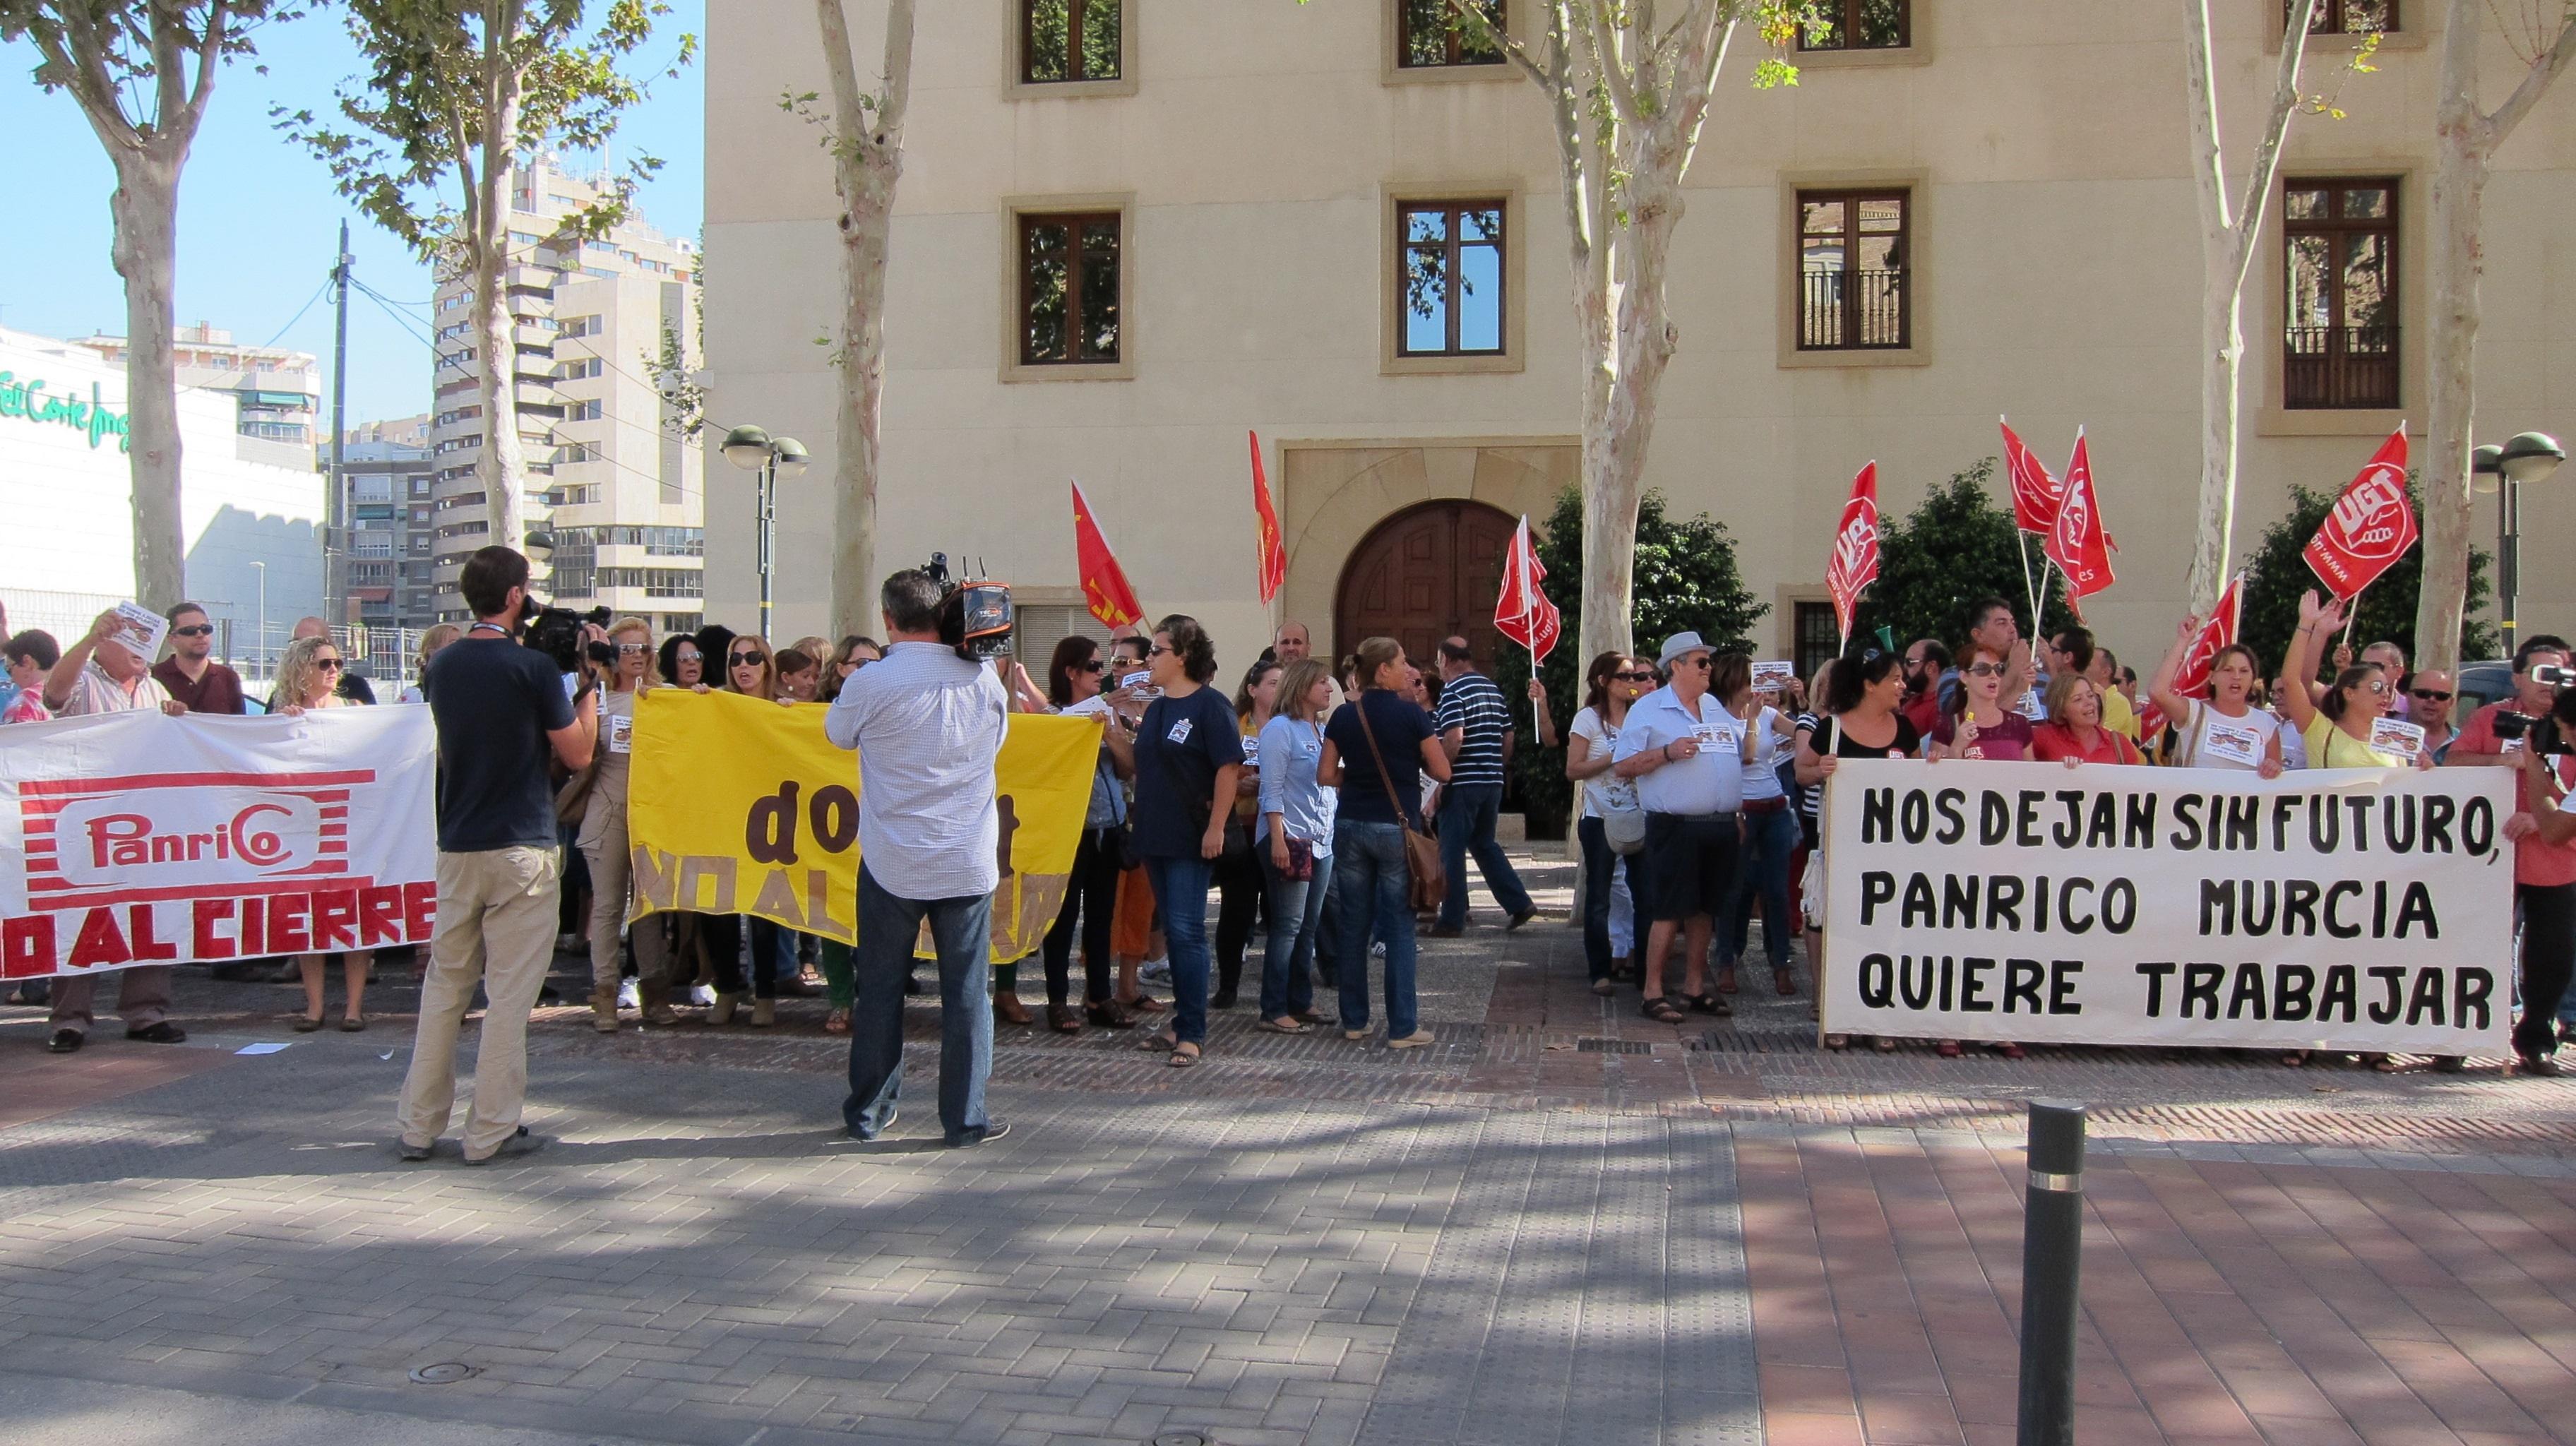 Gobierno regional se compromete a realizar gestiones necesarias para dialogar con la empresa Panrico